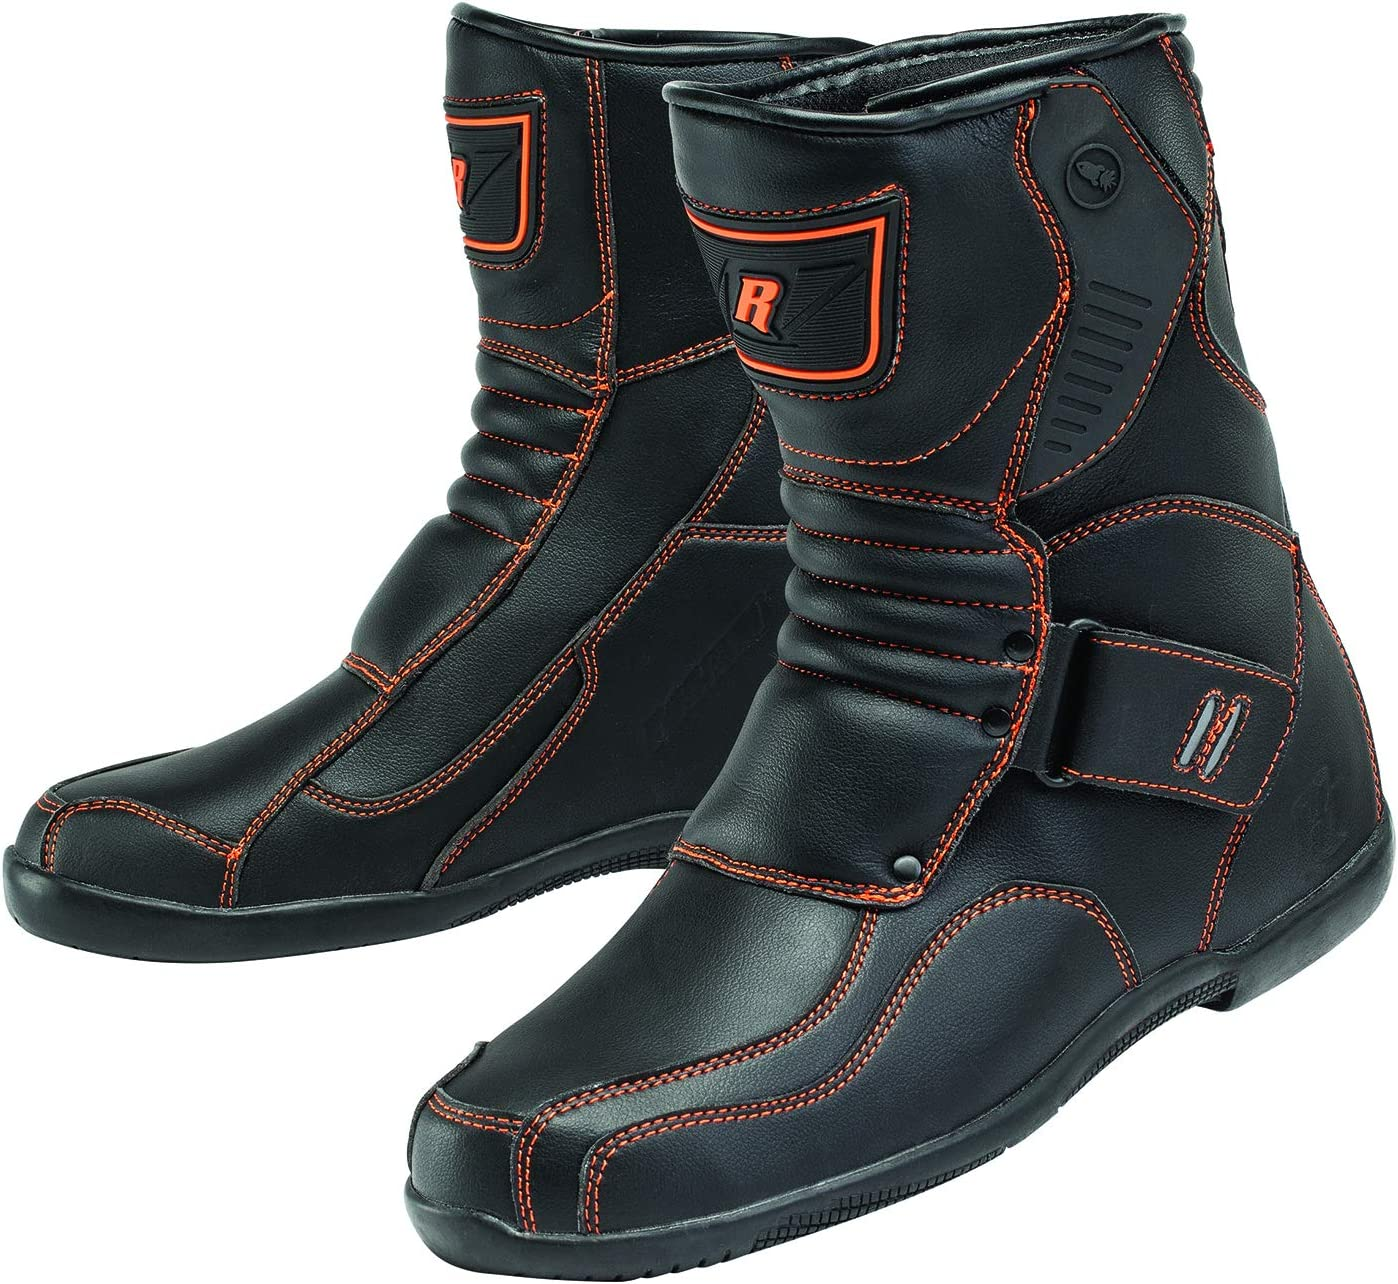 Black//Orange Size 11 Joe Rocket Atomic Motorcycle Boots